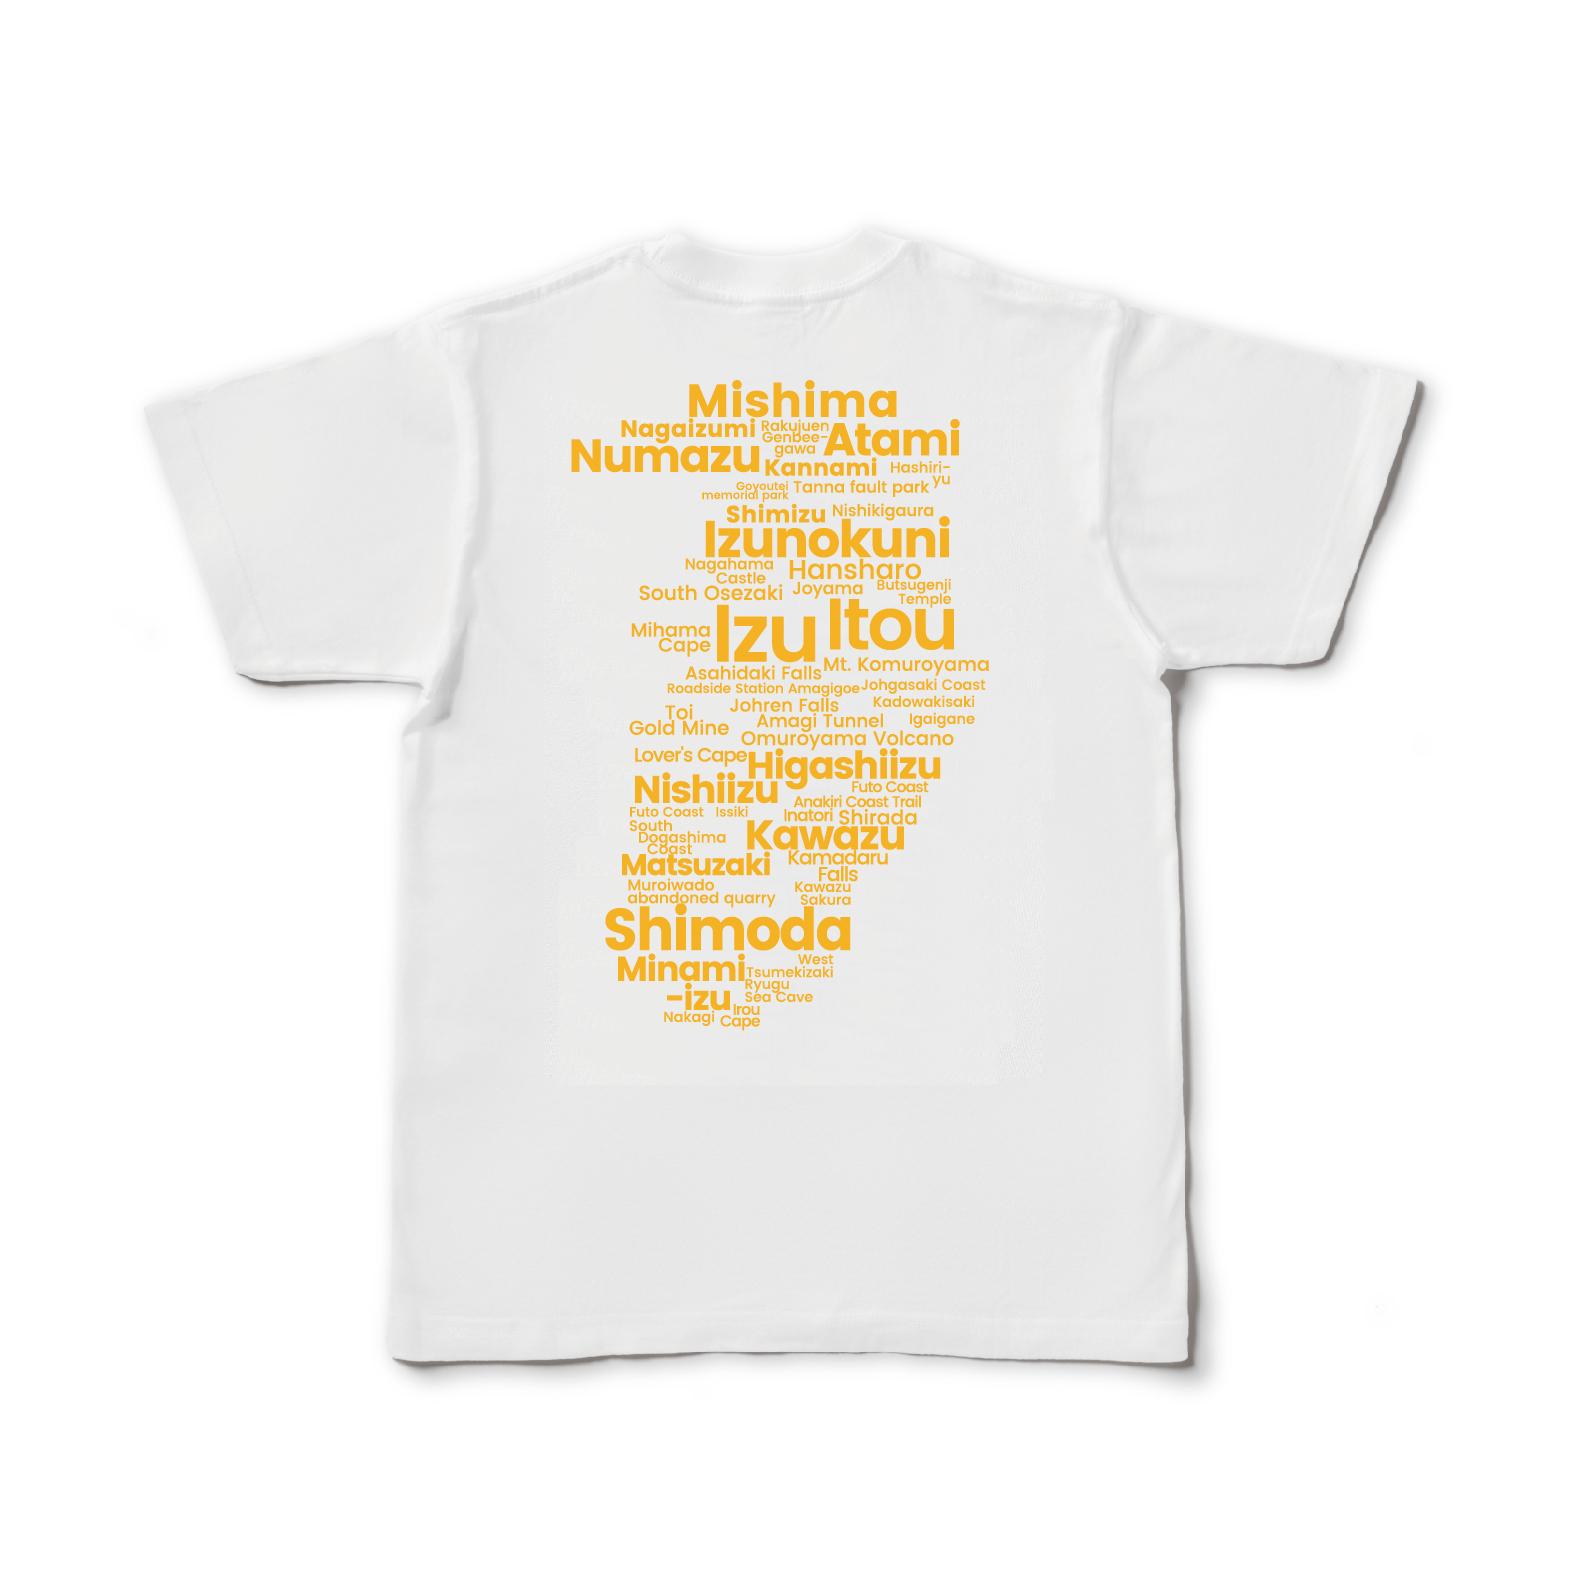 【即日発送】Izu GEO Typography Tee(Gold Yellow)